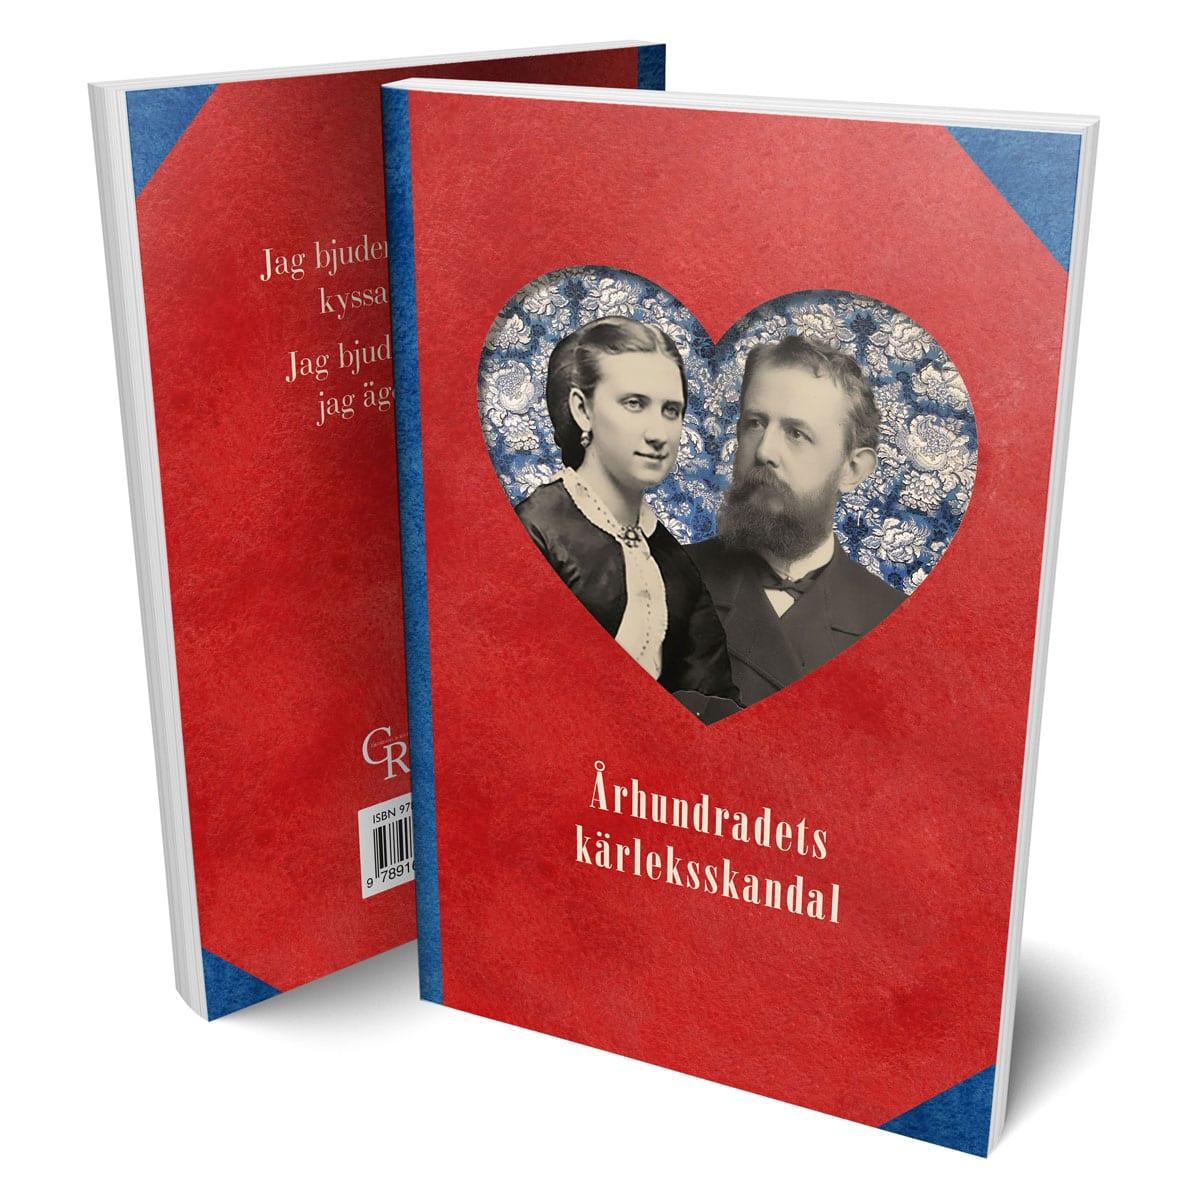 Boksläpp - Århundradets kärleksskandal boken